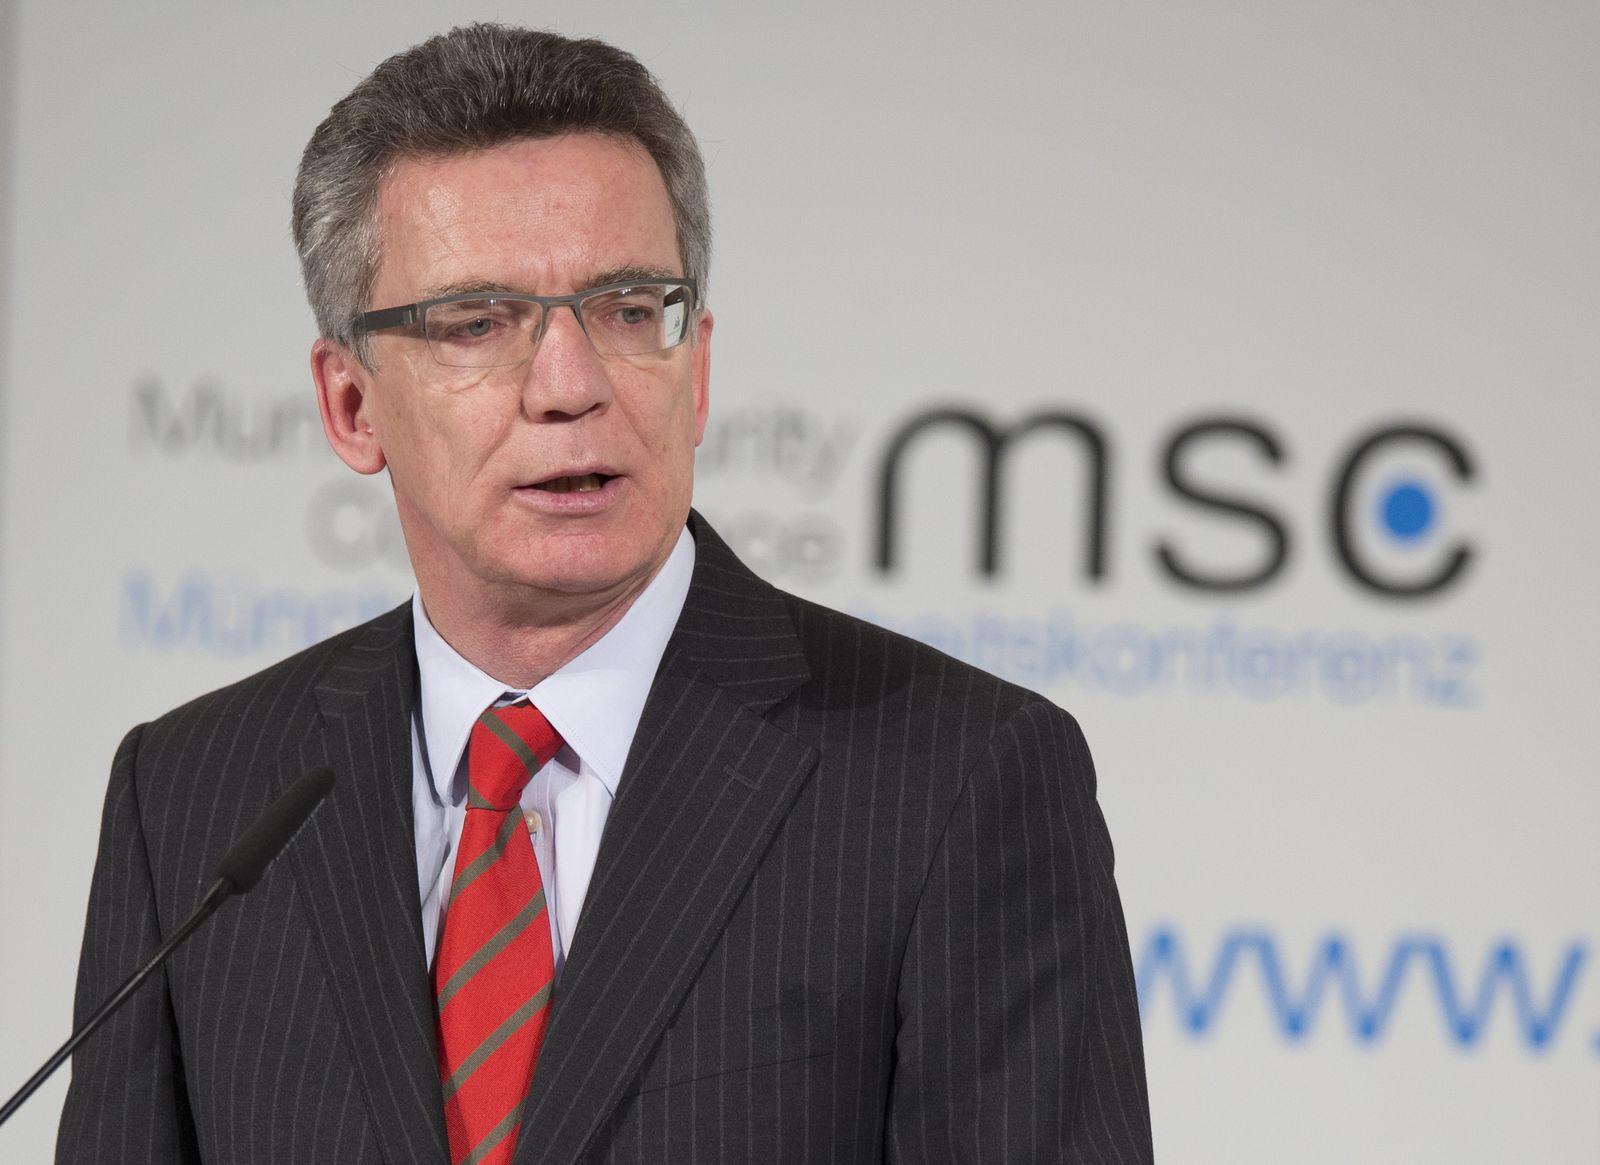 NICHT VERWENDEN Thomas de Maiziere / Sicherheitskonferenz